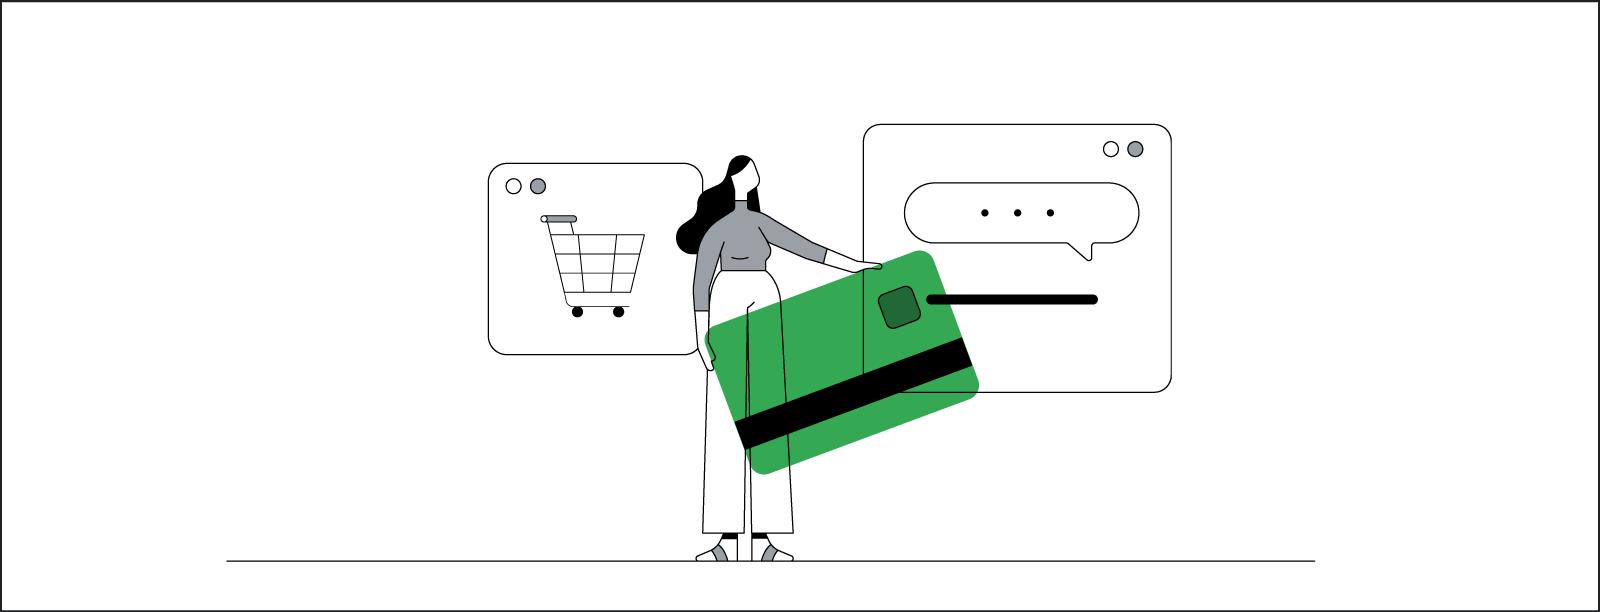 Ilustración de una mujer de pelo largo y negro entre dos ventanas de un navegador: una con un carrito de la compra y otra con un chat online abierto. La mujer sujeta una tarjeta de crédito gigante.